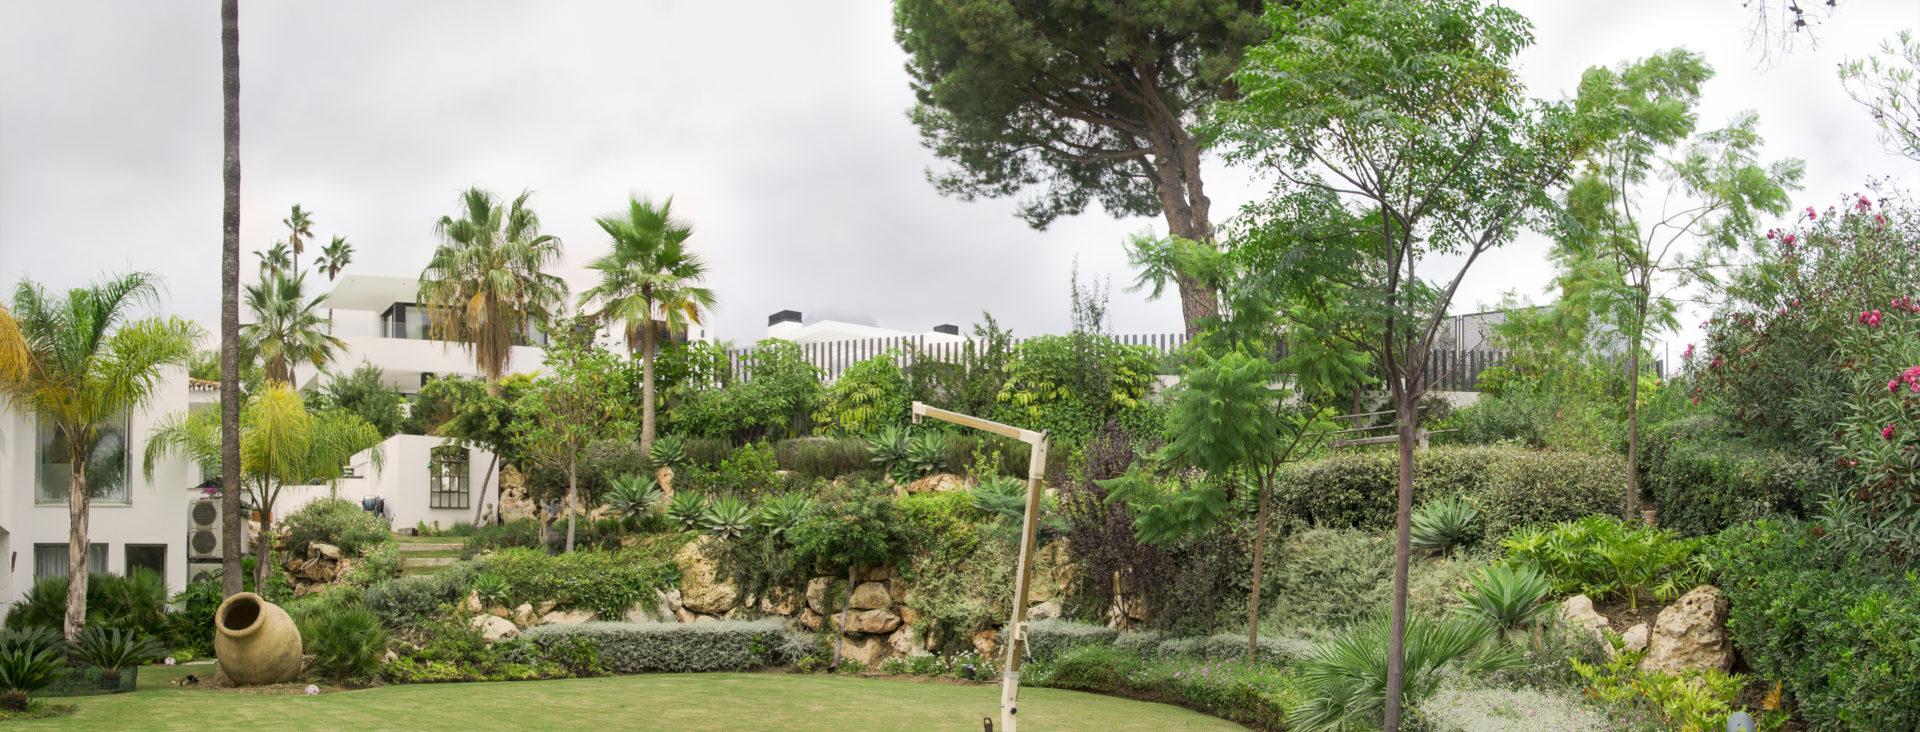 Jardín en la Las Lomas de Marbella club.